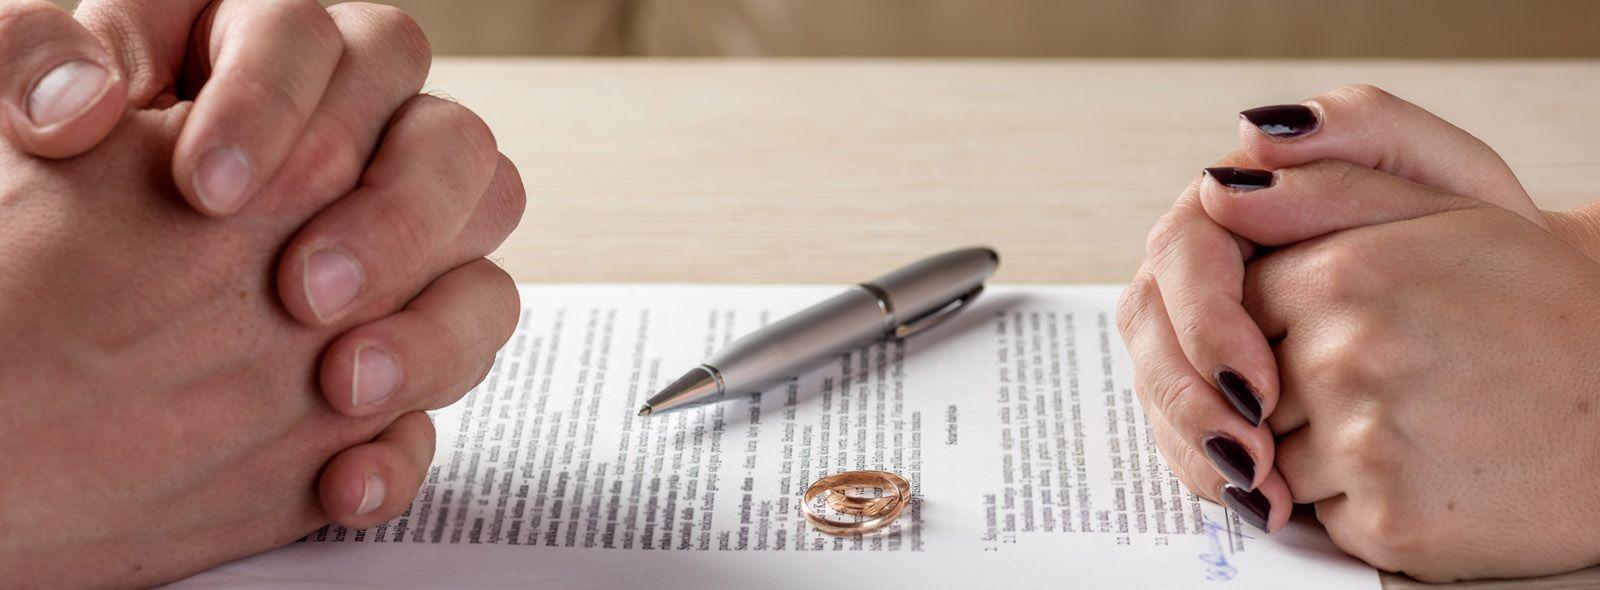 Divorzio breve come fare